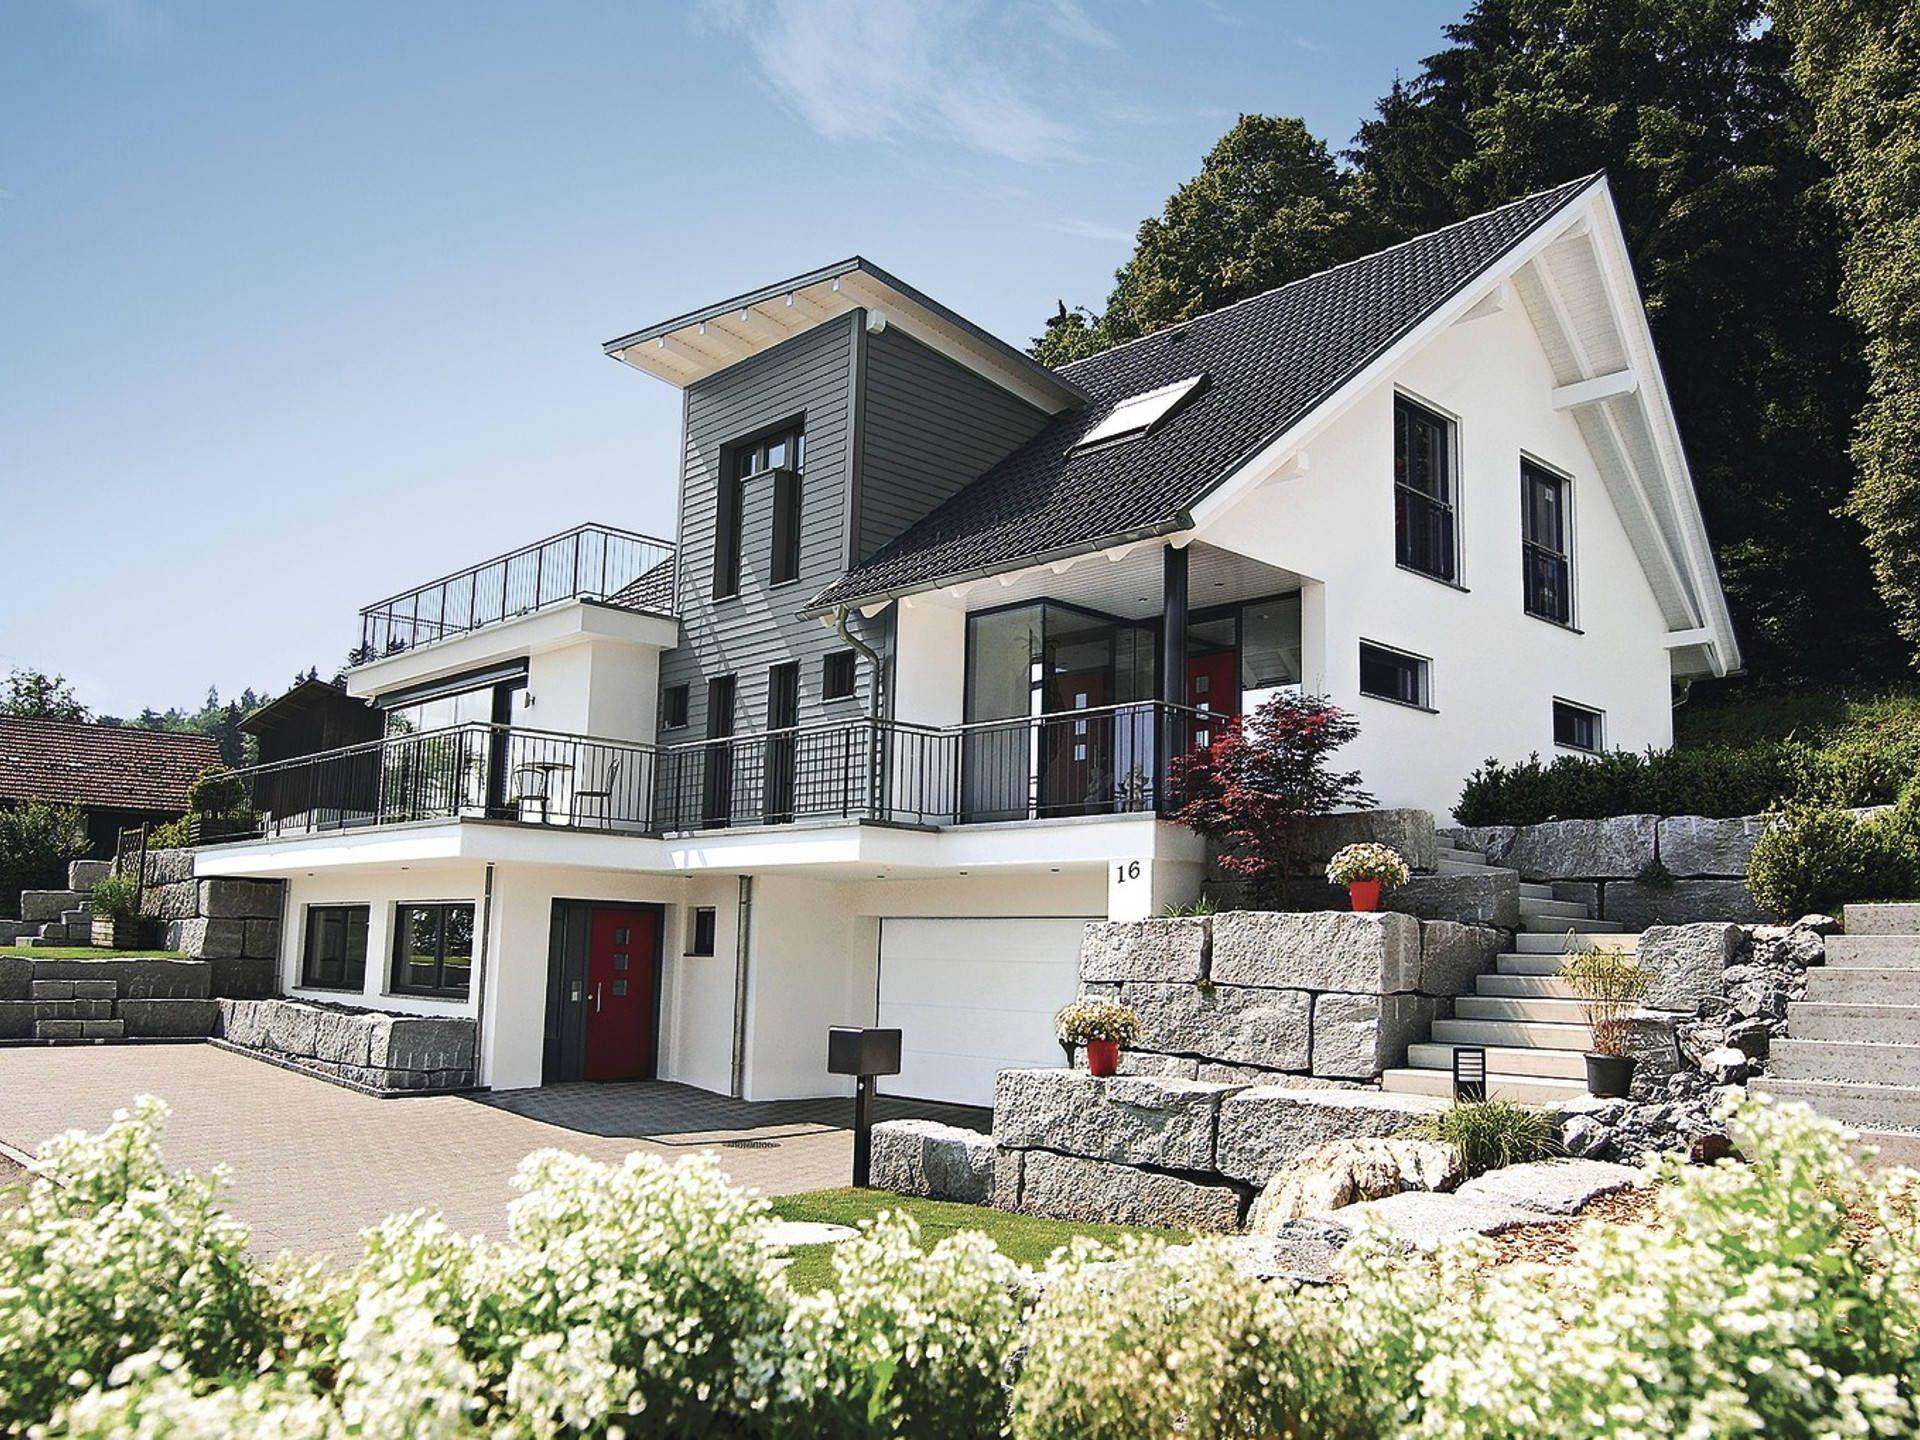 Einfamilienhaus mit Hanglage | Dream Home Ideas! | Pinterest | Haus ...